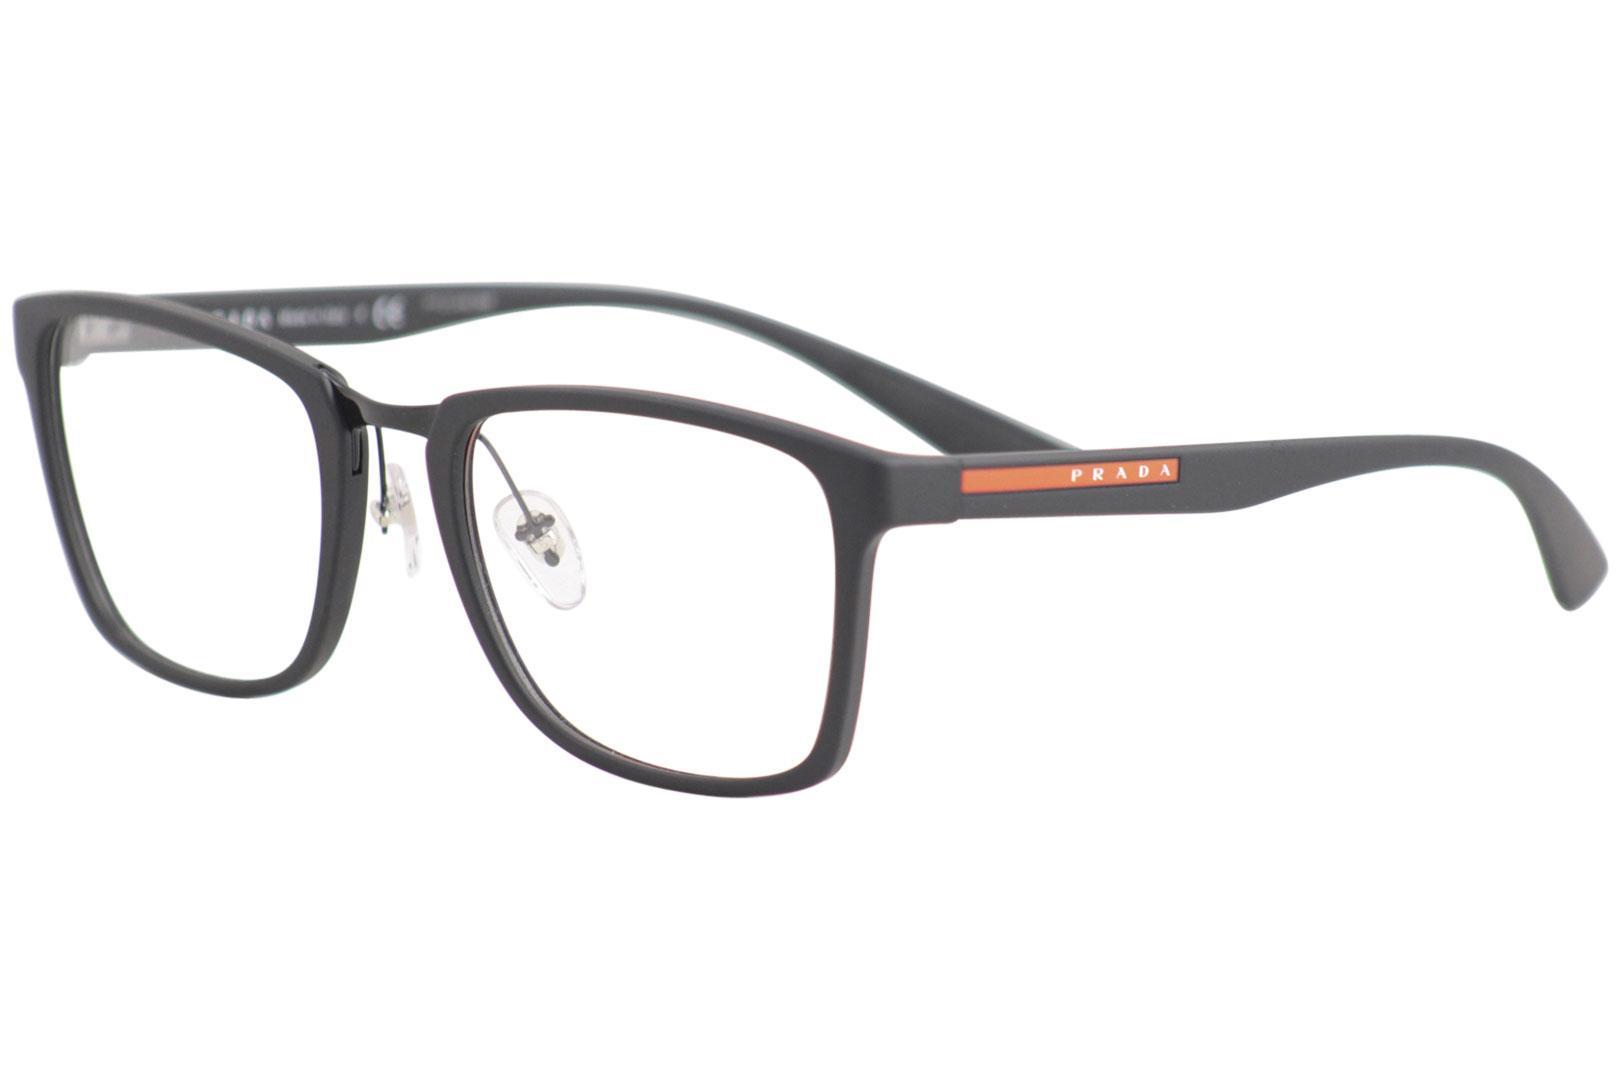 0d3ea3147a63 Prada Men's Linea Rossa Eyeglasses VPS06L VPS/06/L Full Rim Optical Frame